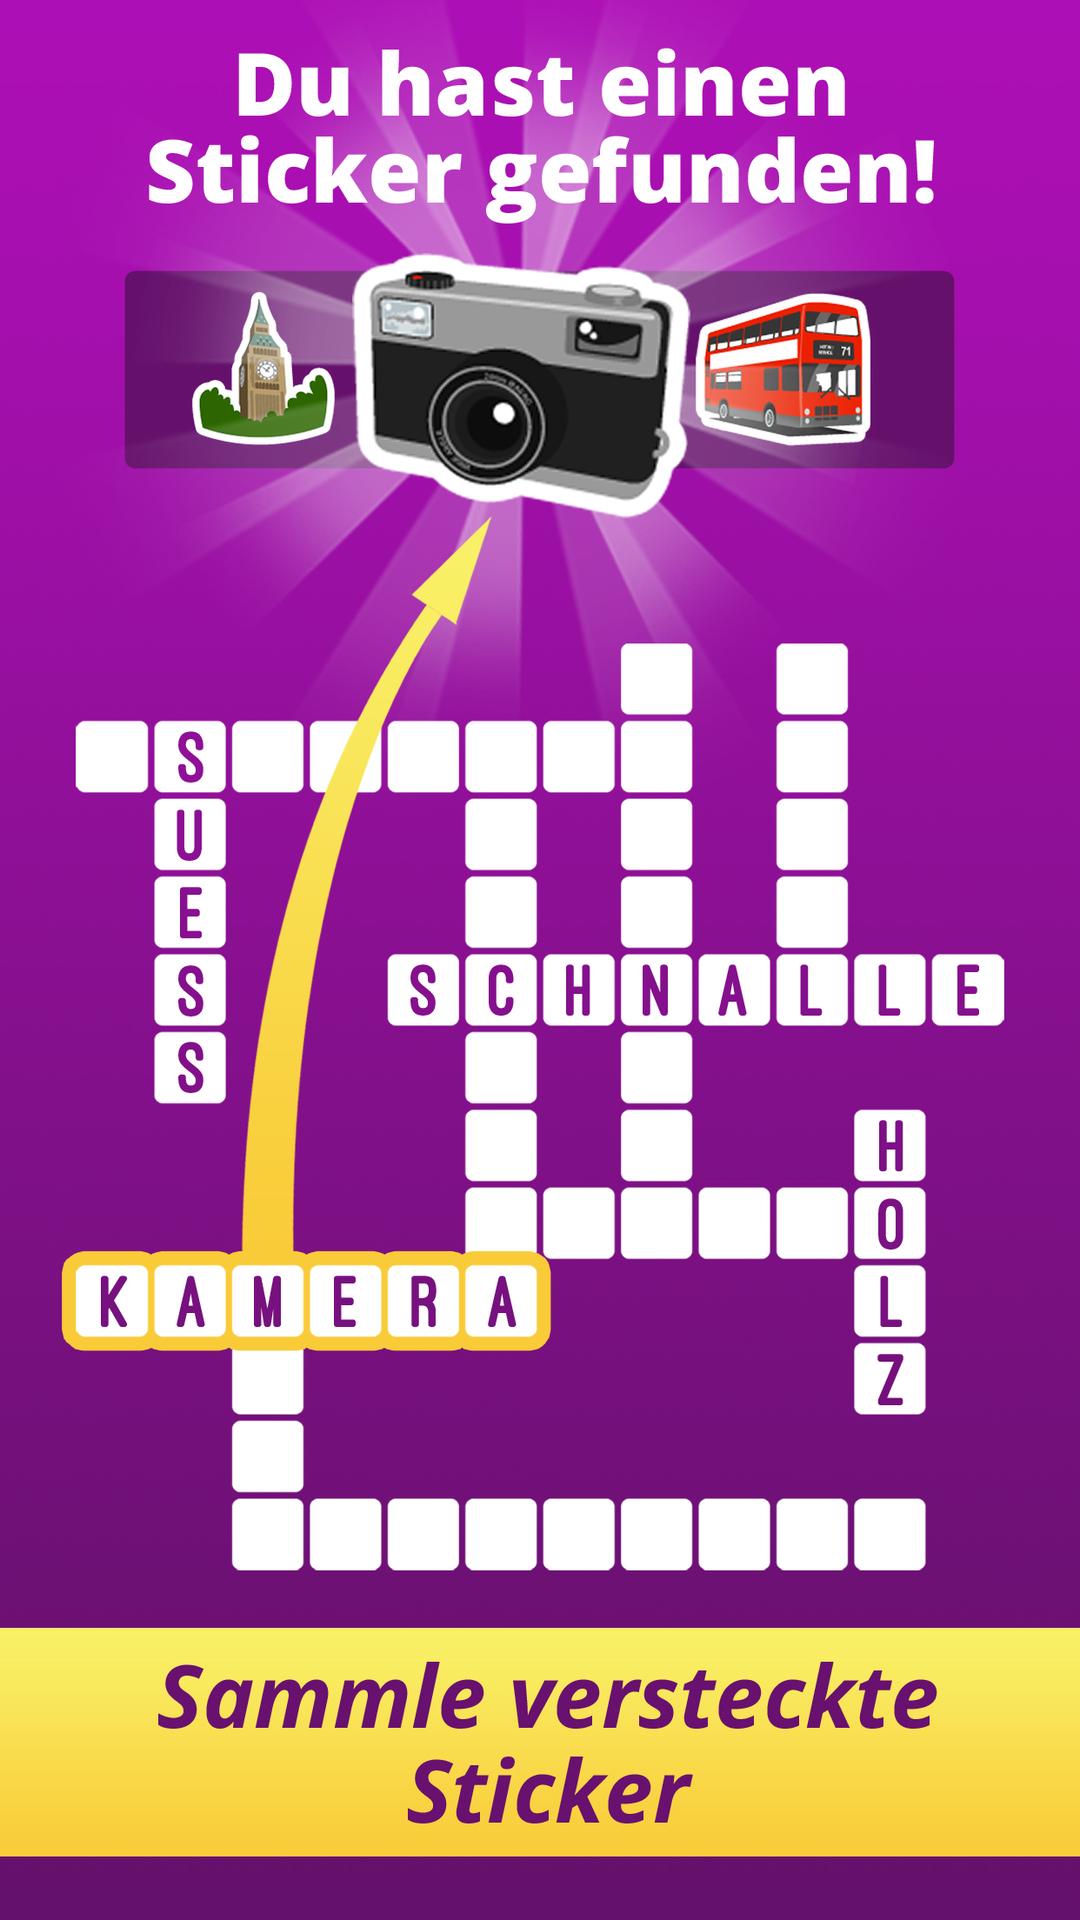 Das Tägliche Kreuzworträtsel Bild